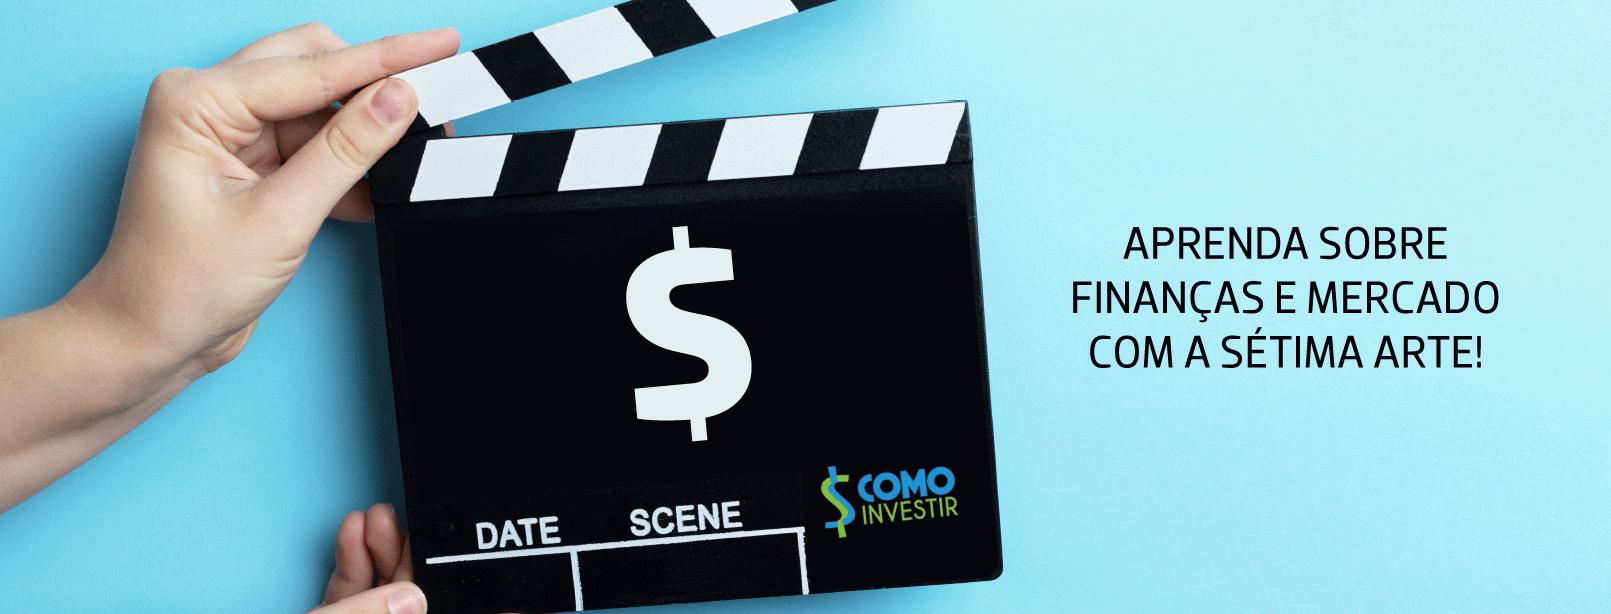 Lições que aprendemos com os filmes - isso também vale quando o assunto é finanças!